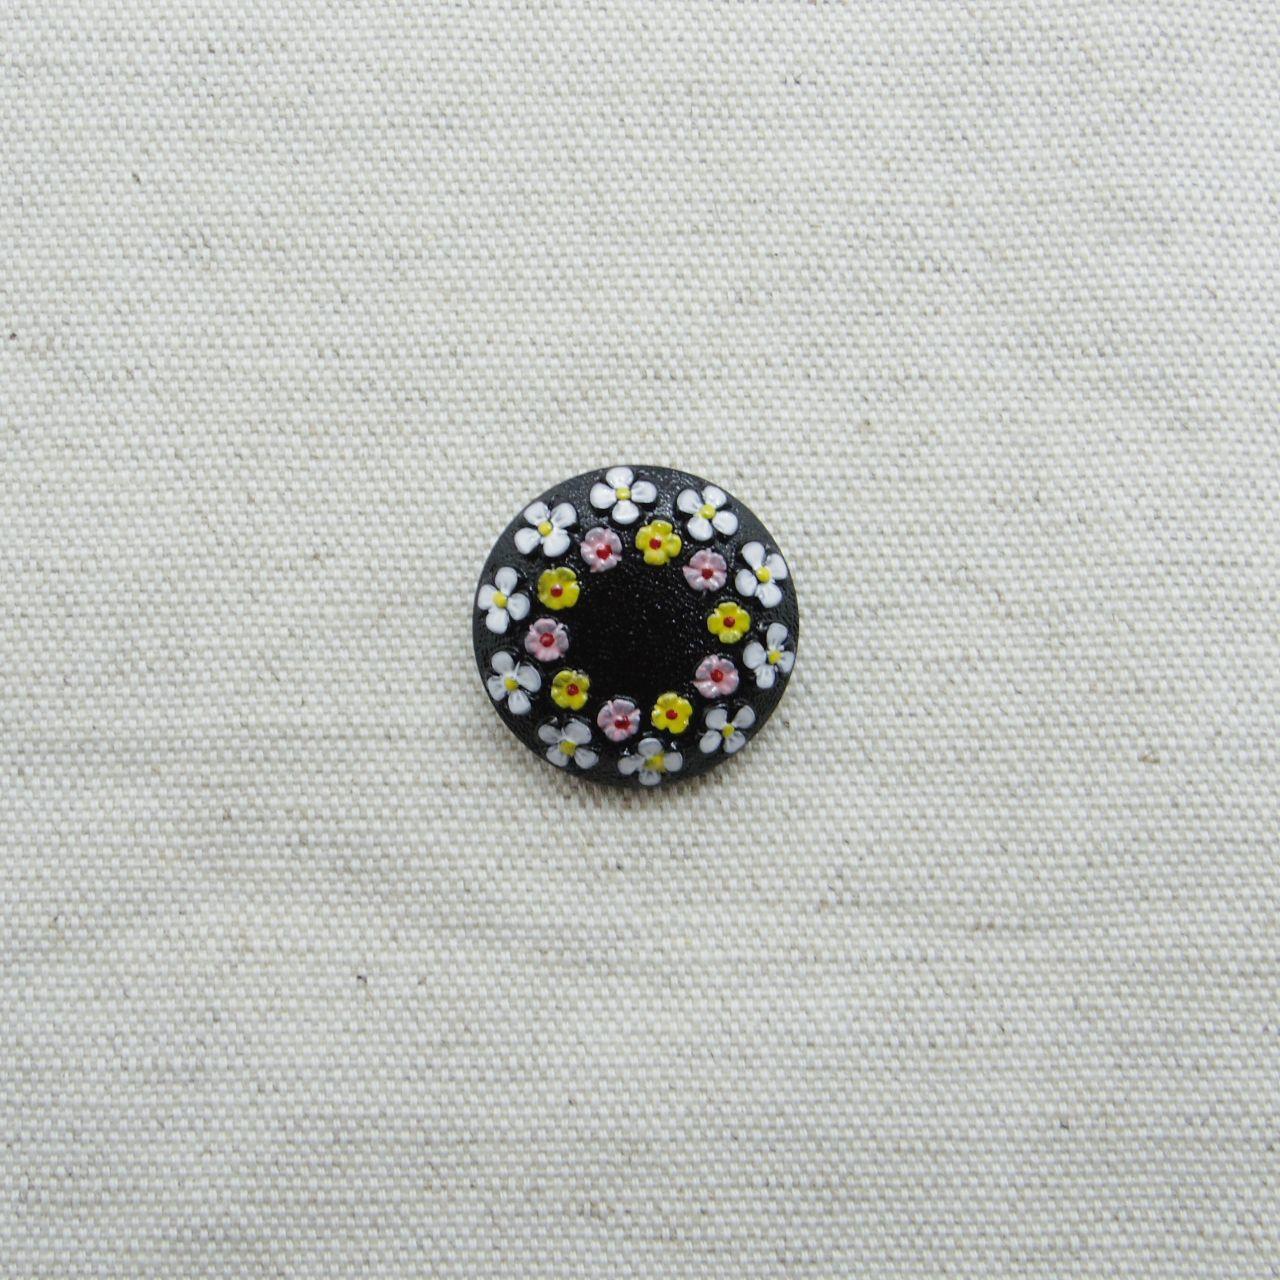 【チェコガラスボタン】2連の花冠・ブラック×ホワイト ::: 中2.3cm